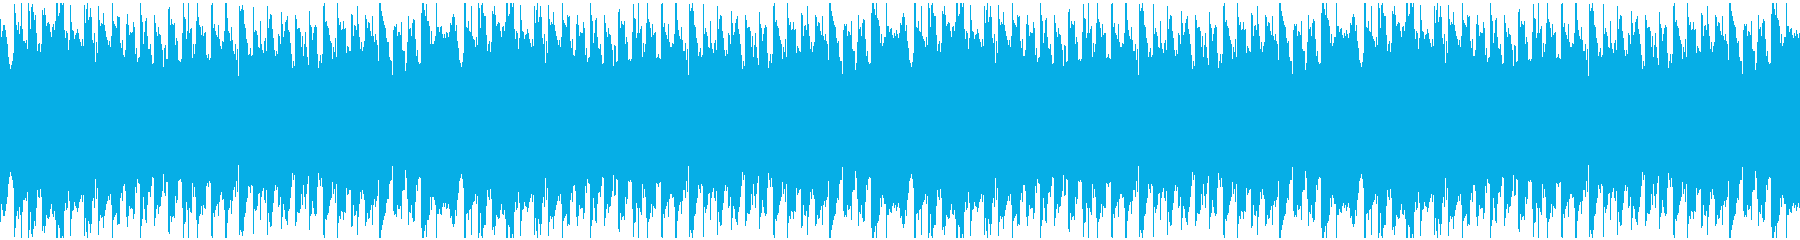 恋人に想いを馳せるひと時のBGMの再生済みの波形